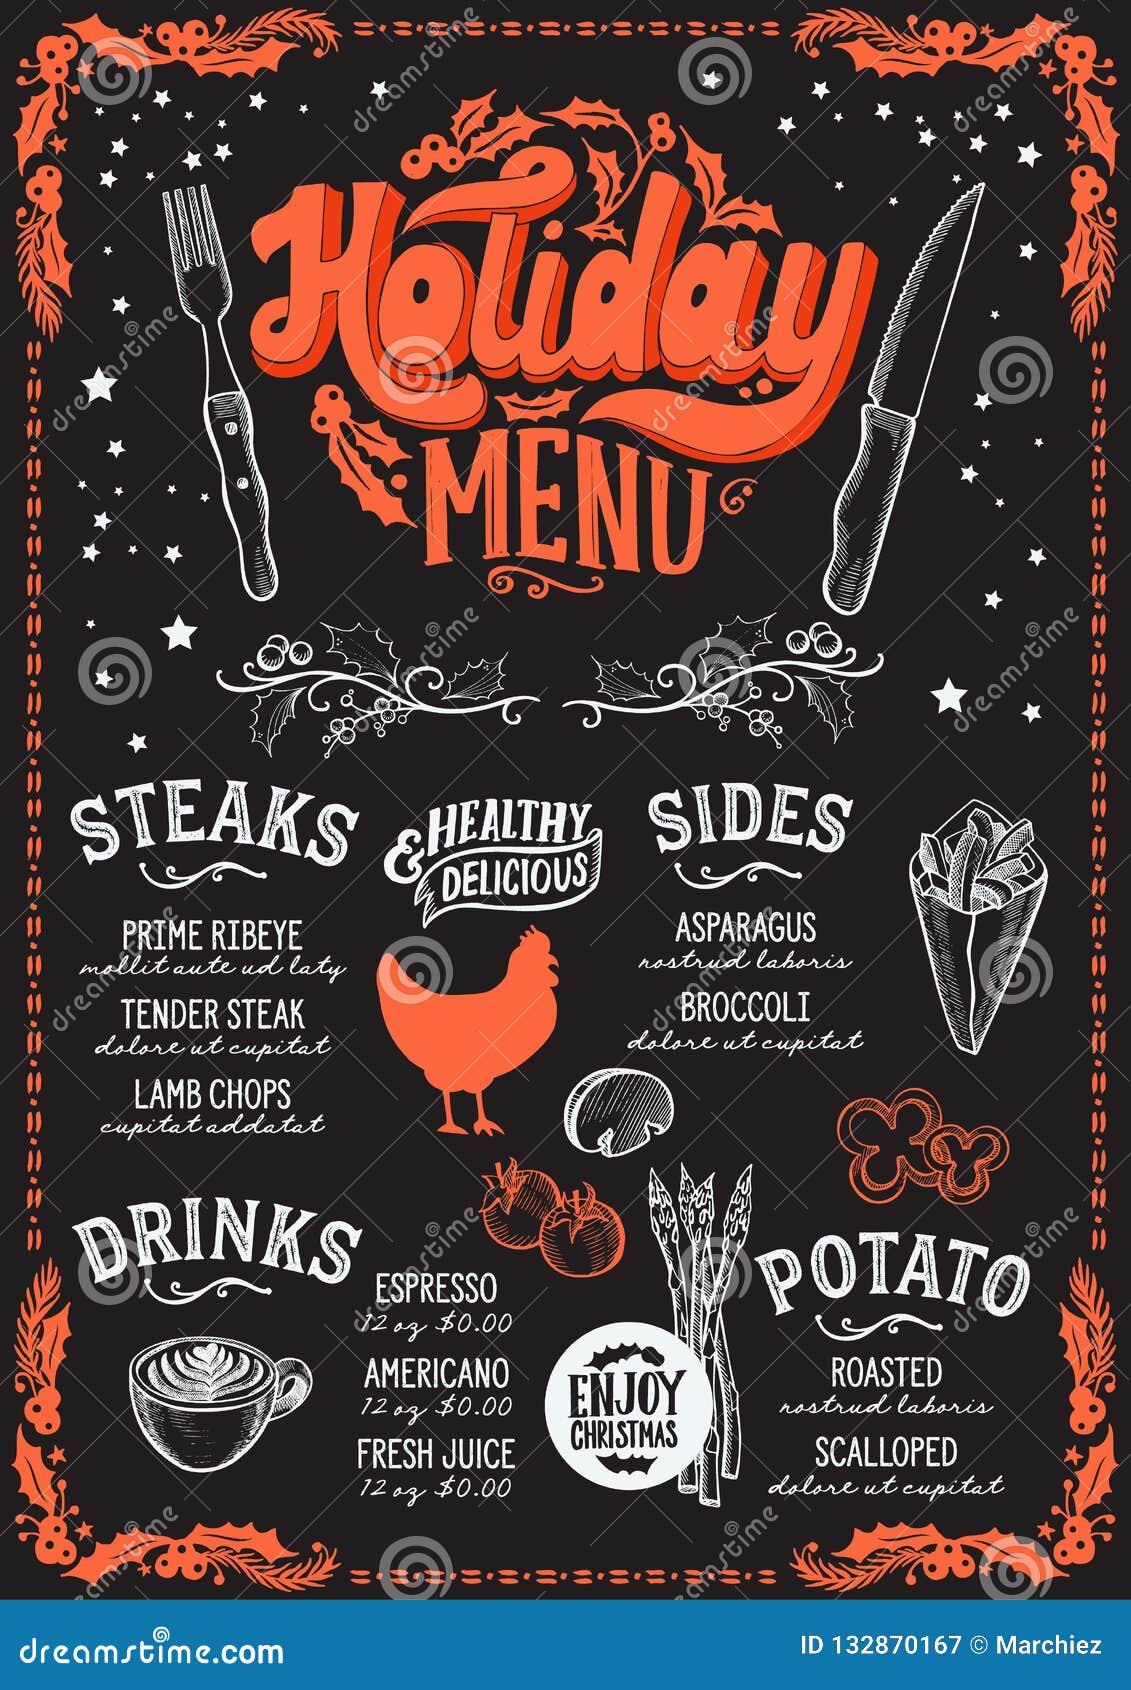 Christmas Restaurant Poster.Christmas Menu Template For Steak Restaurant Stock Vector